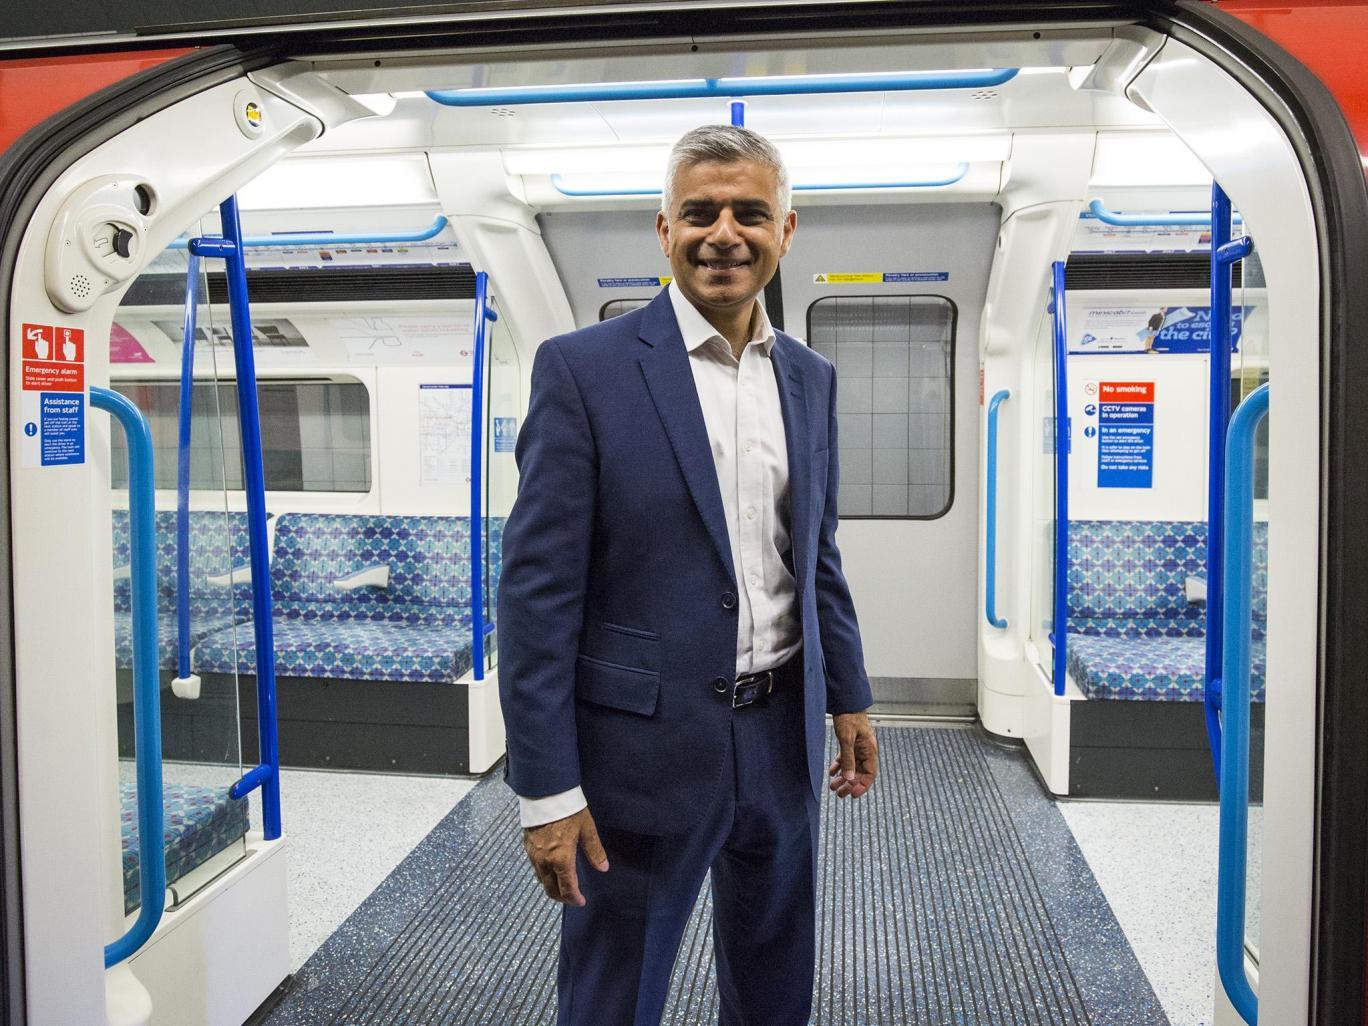 Градоначалникот на Лондон  Терористичките напади се дел од животот во големите градови